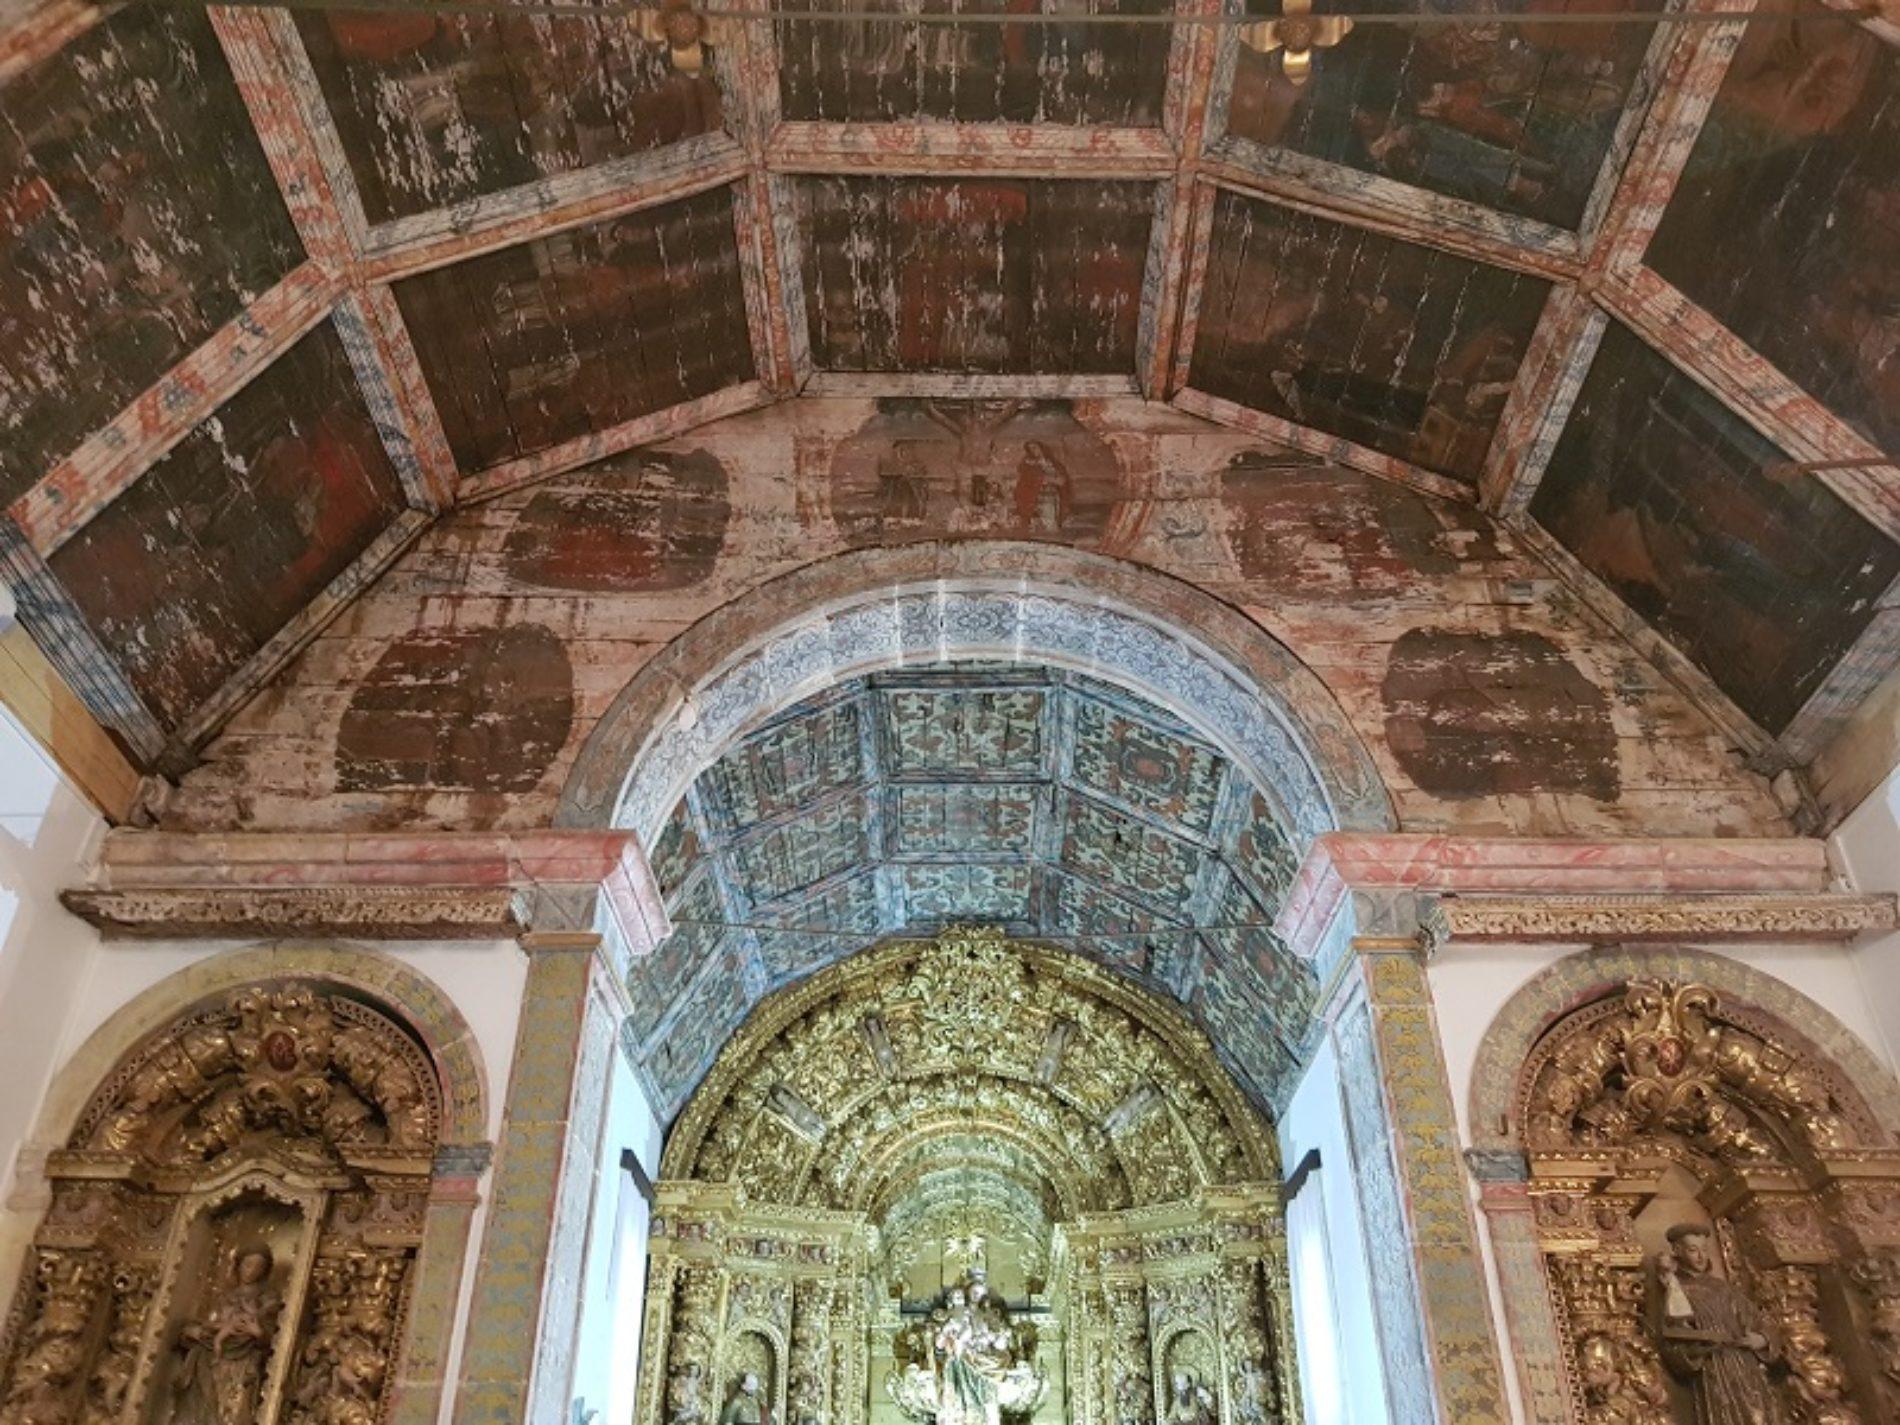 Município de Arganil assegura intervenção de restauro do Arco Triunfal da Igreja Matriz de Vila Cova do Alva